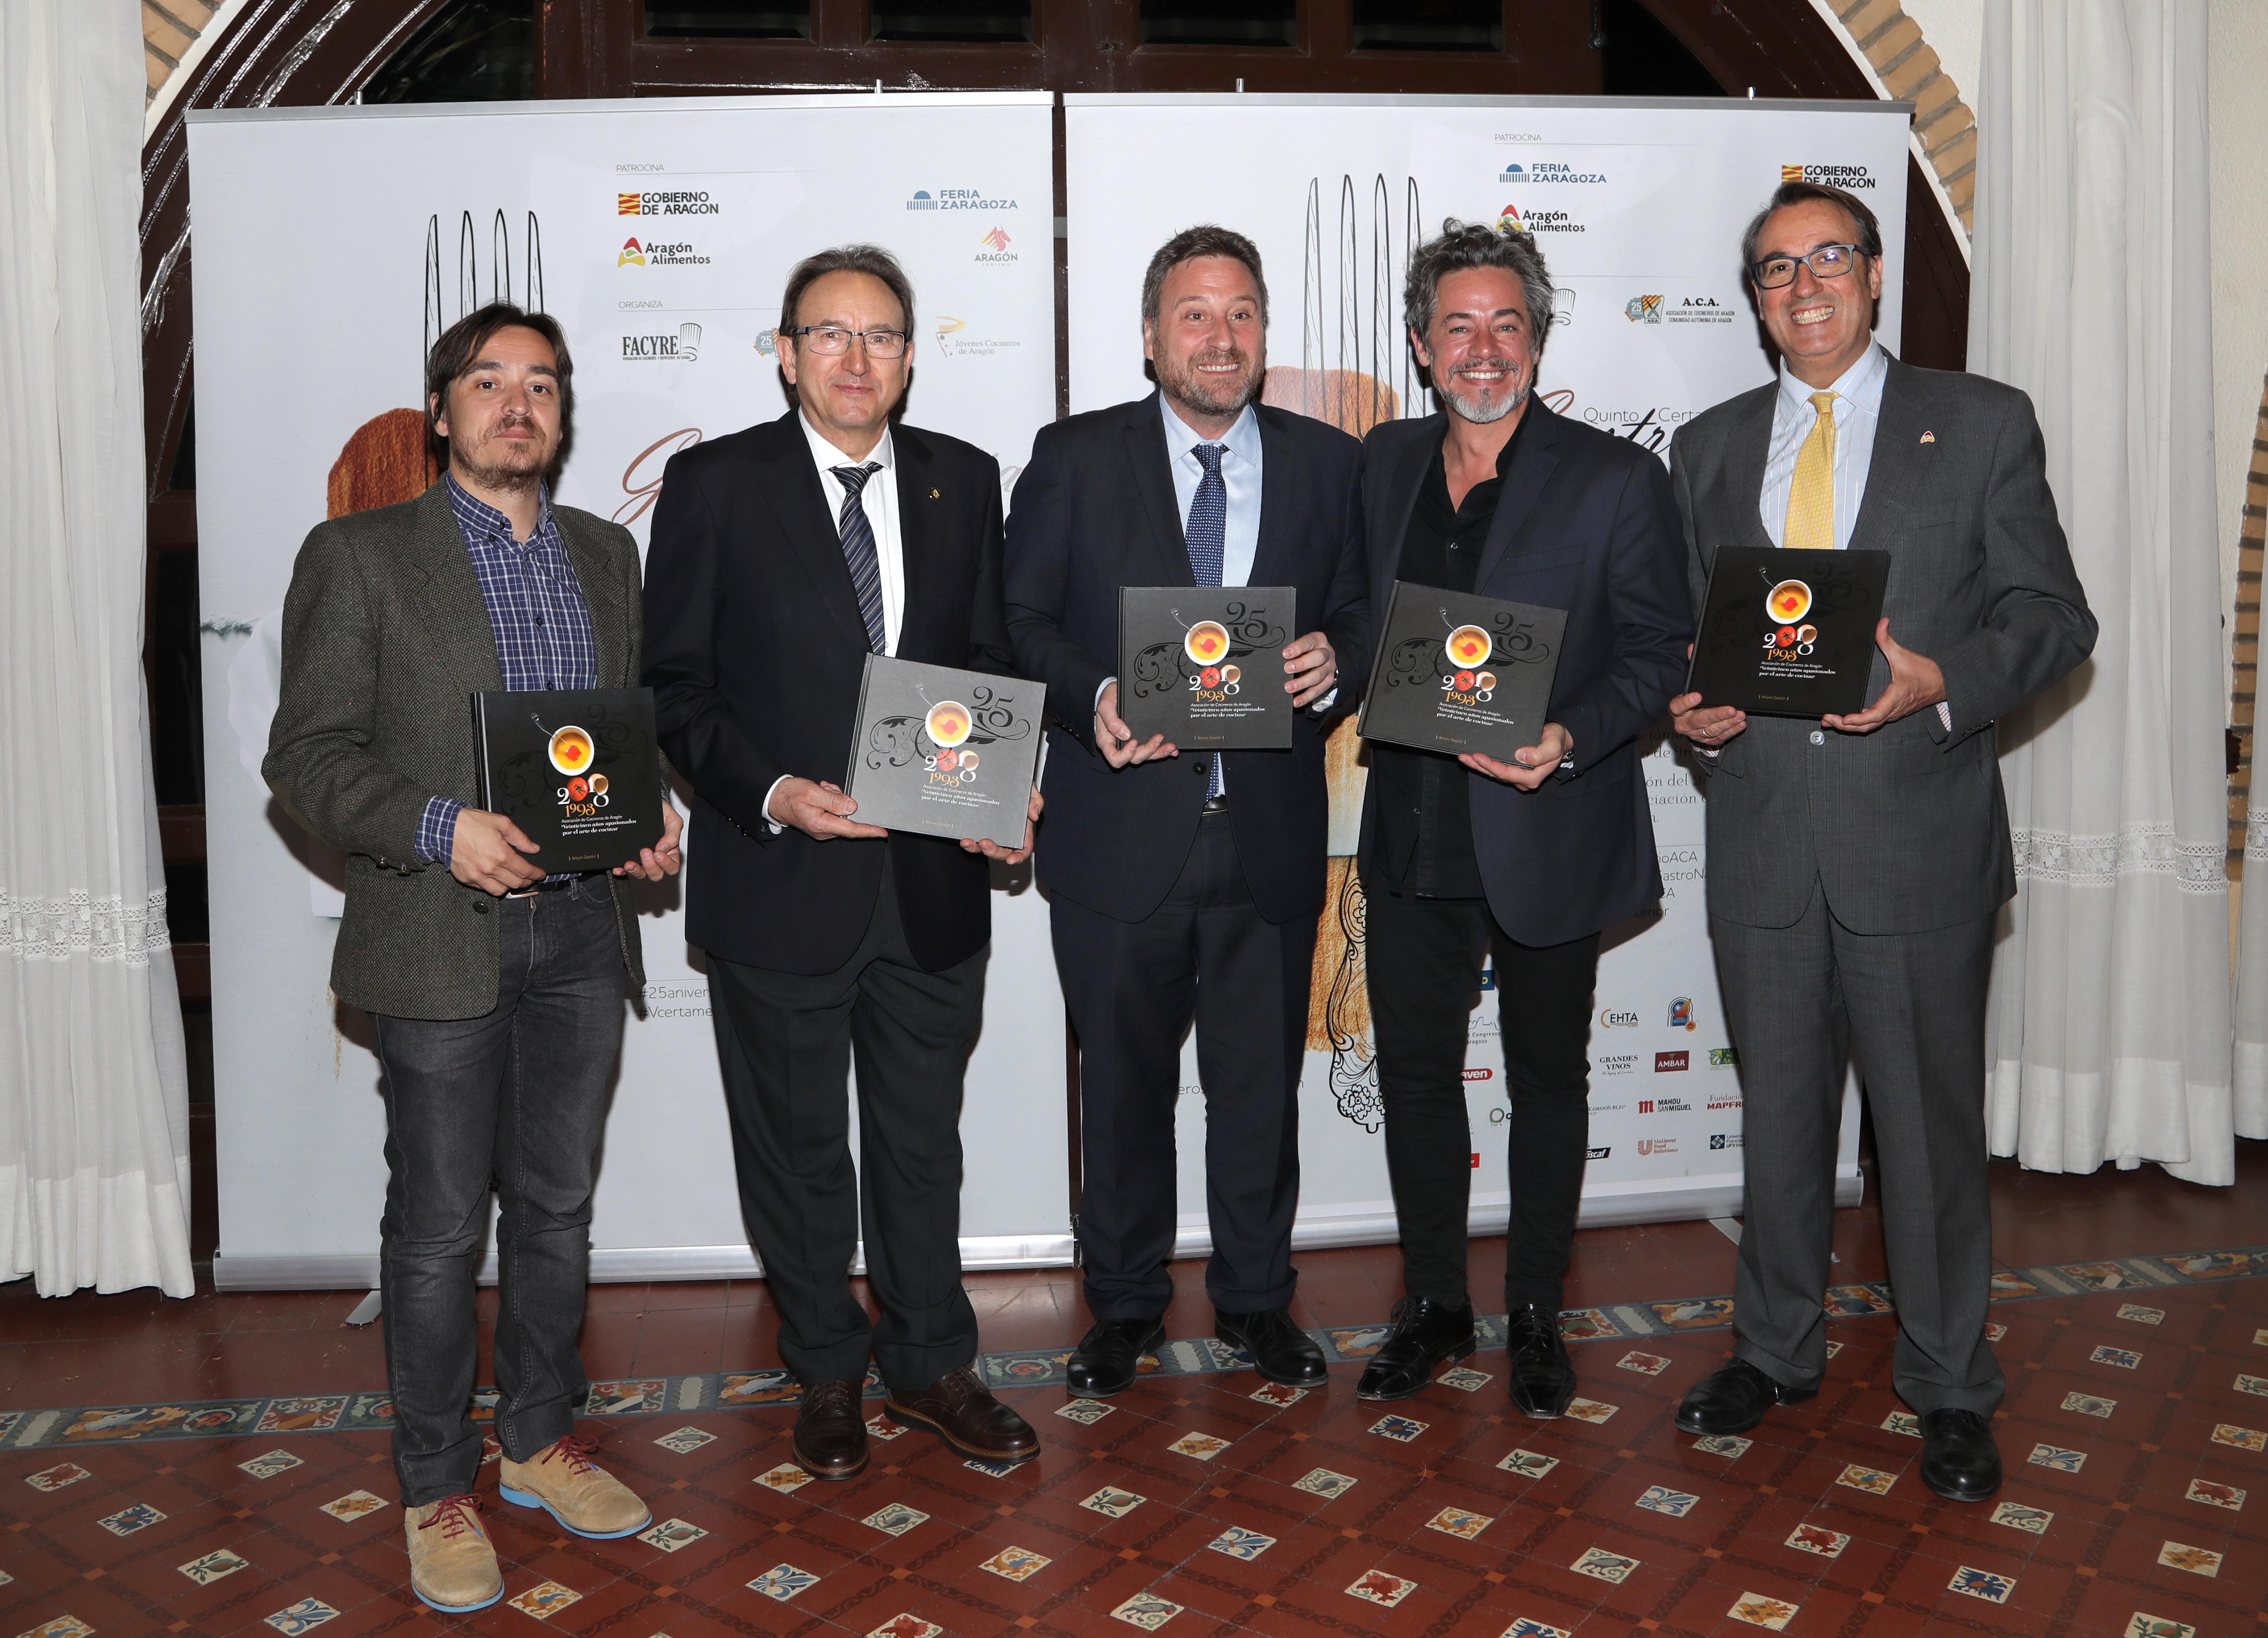 En este momento estás viendo La Asociación de Cocineros celebra sus 25 años con premios, cena y un libro